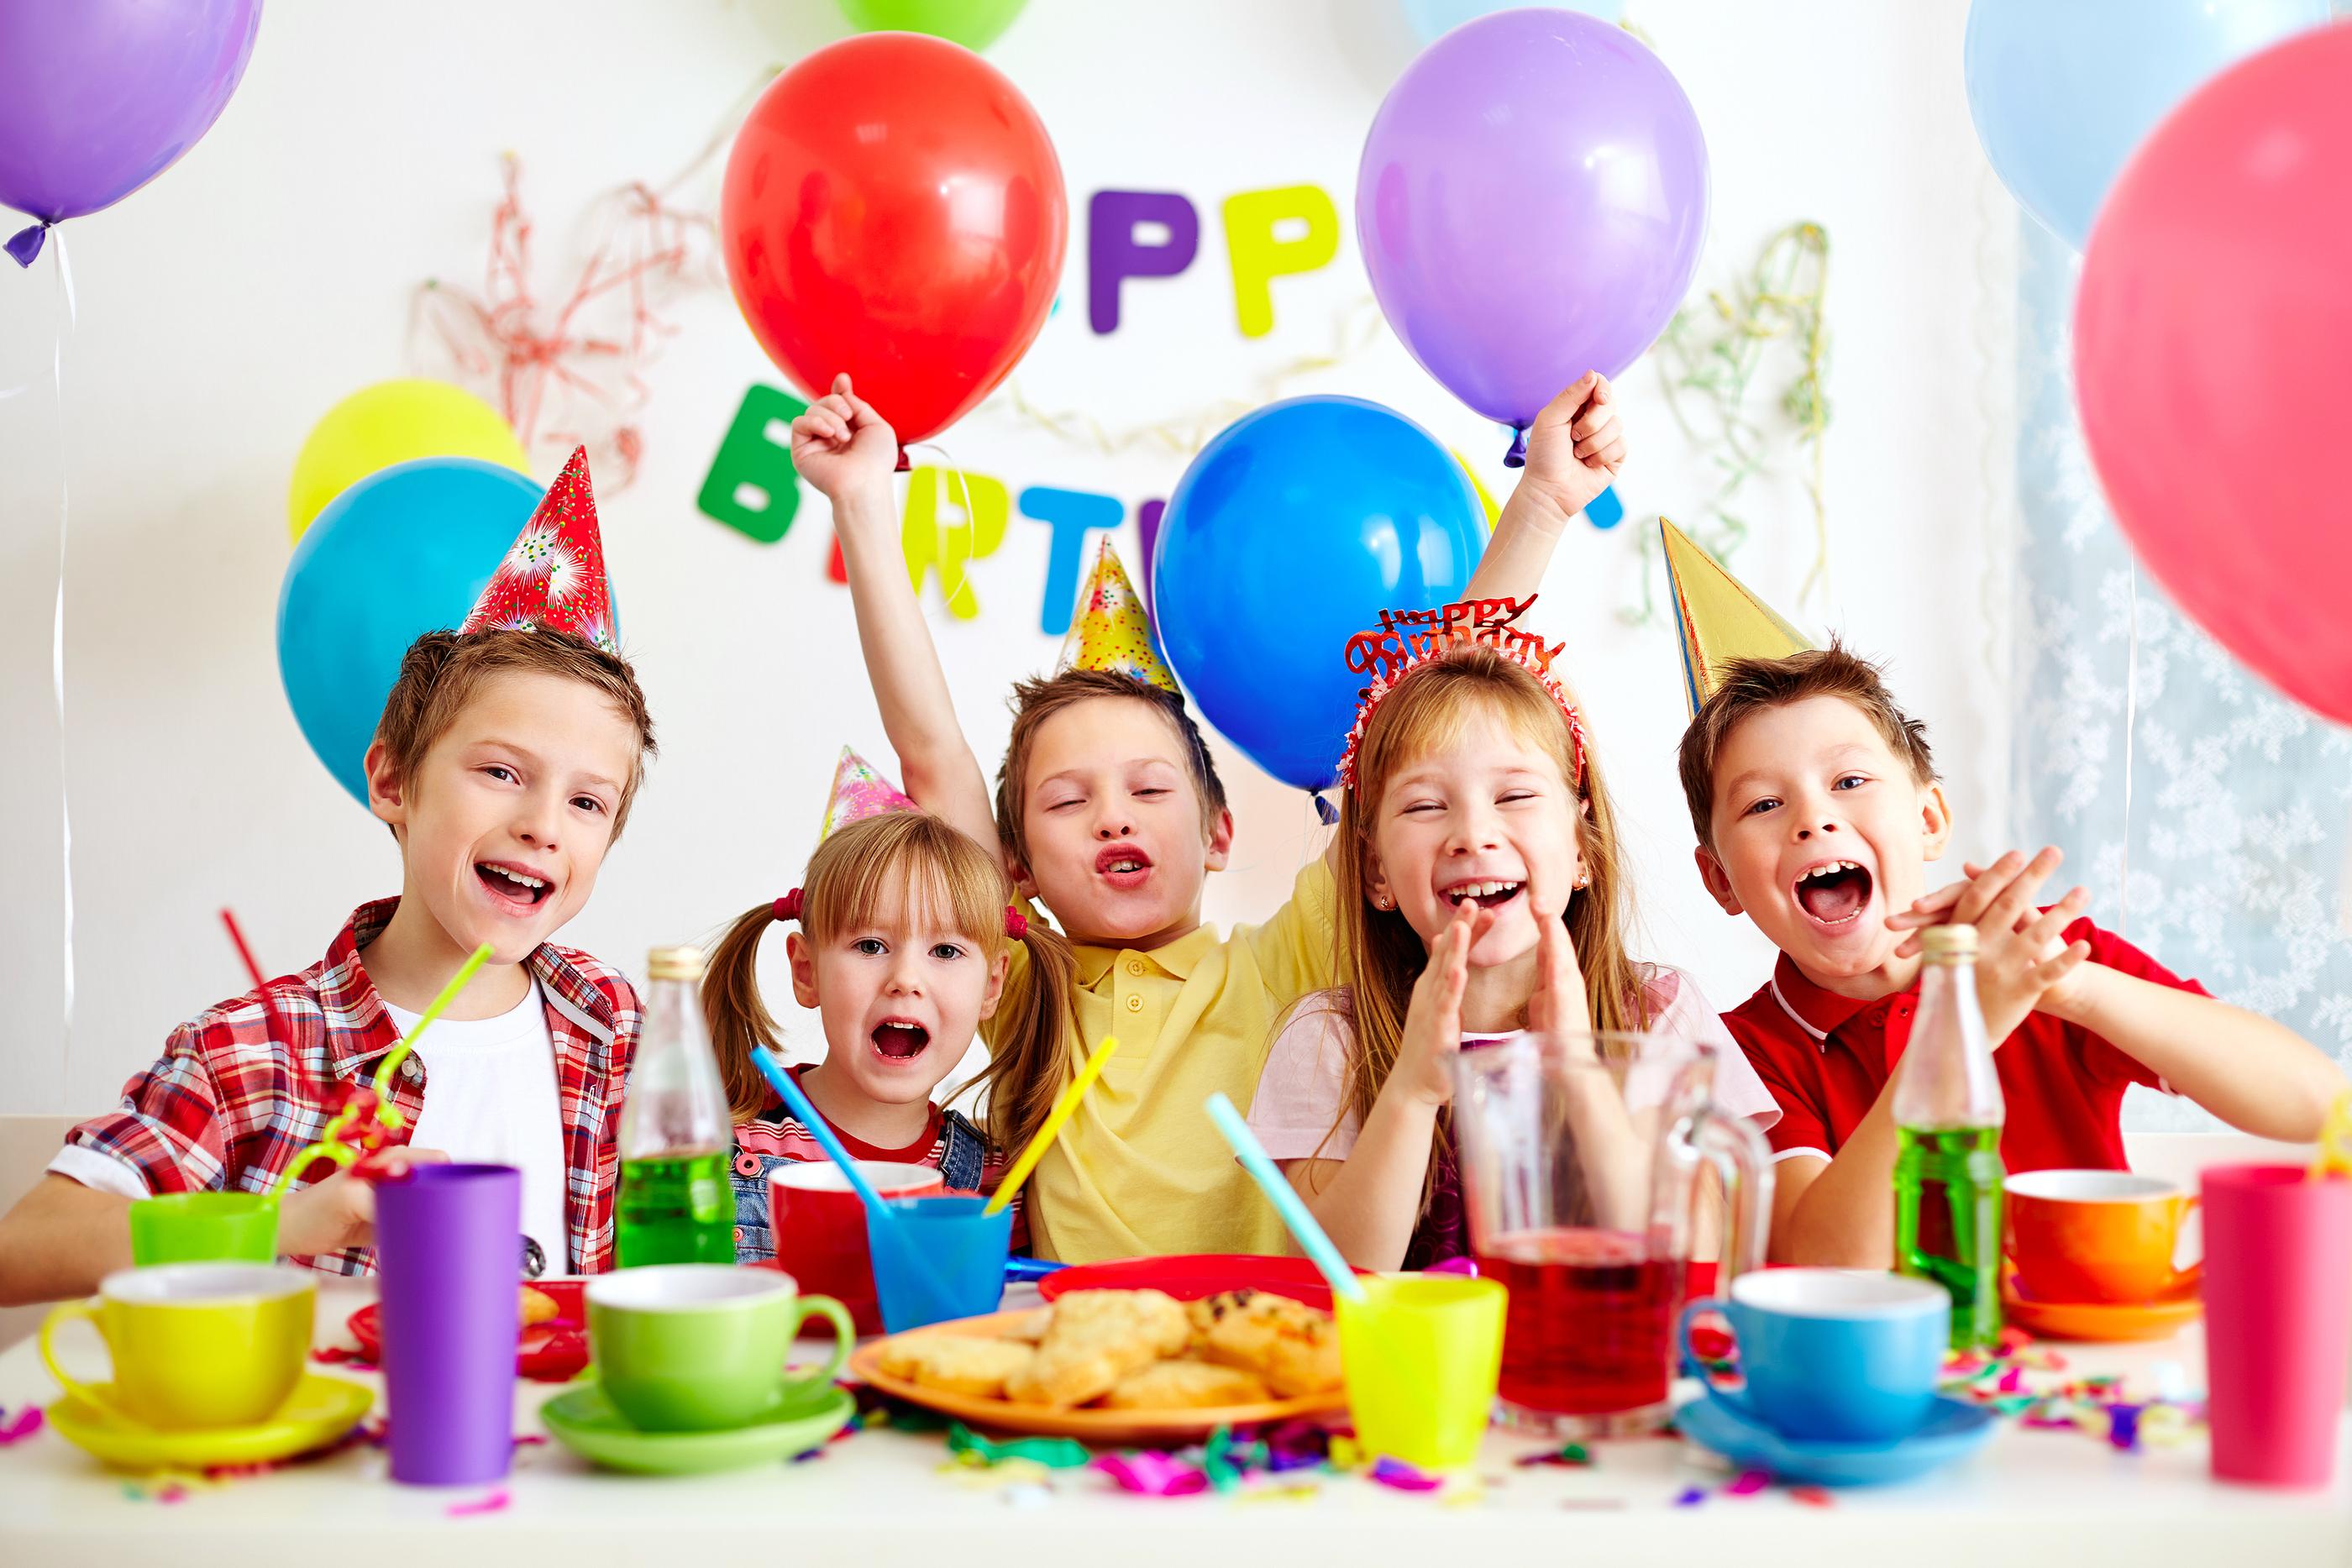 Unique Invitation Ideas For A Child's Birthday Party